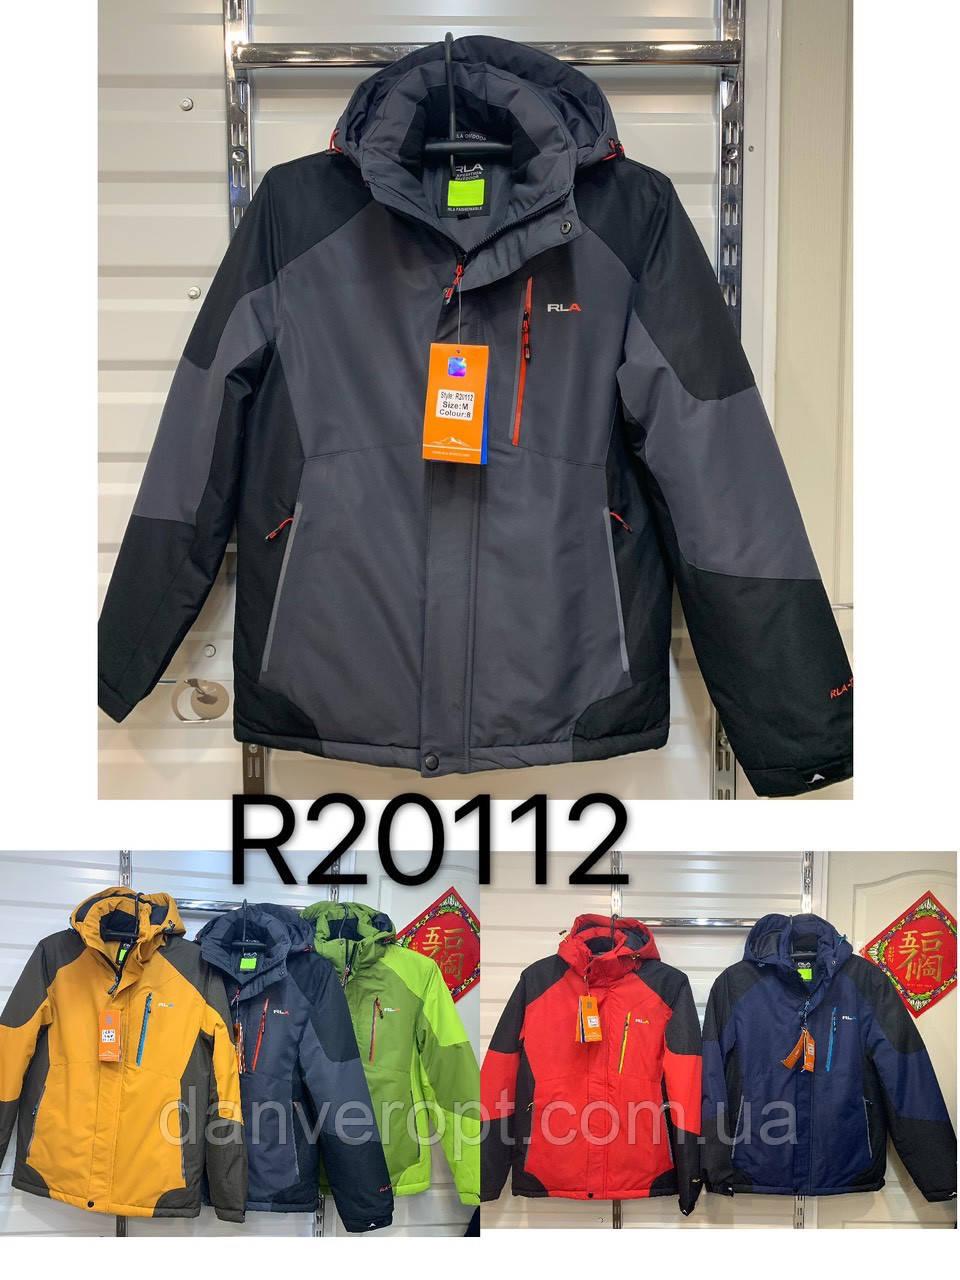 Куртка мужская стильная зимняя RLA размер 48-56 купить оптом со склада 7км Одесса